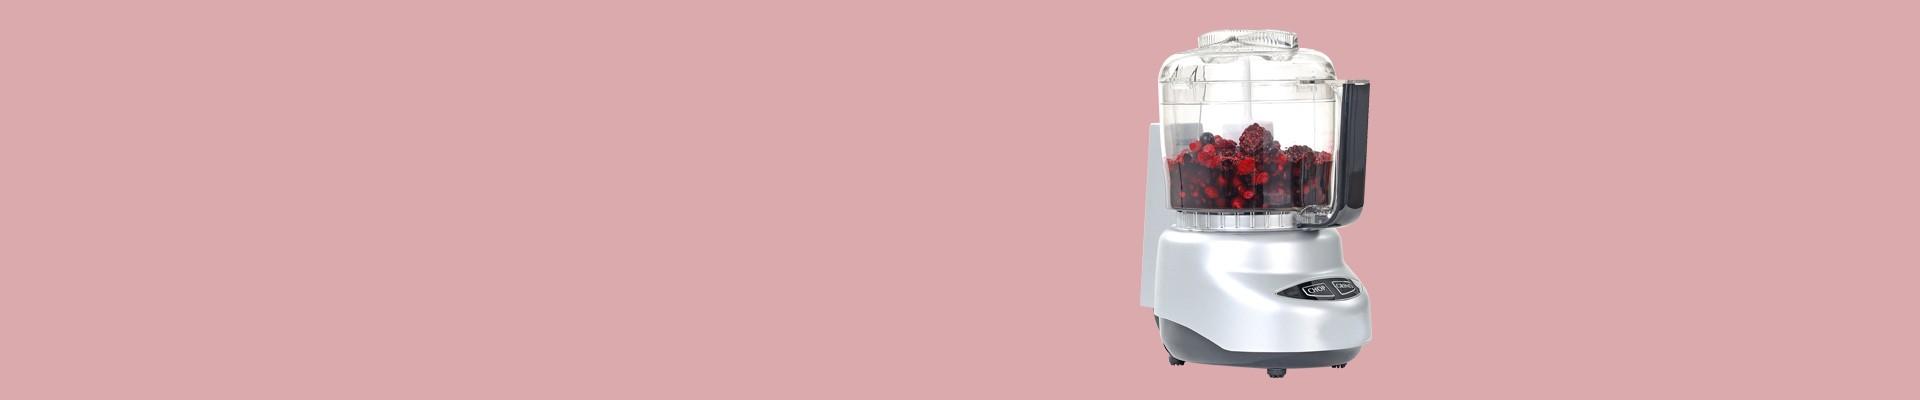 Jual Blender - Beli Juicer Harga Terbaik